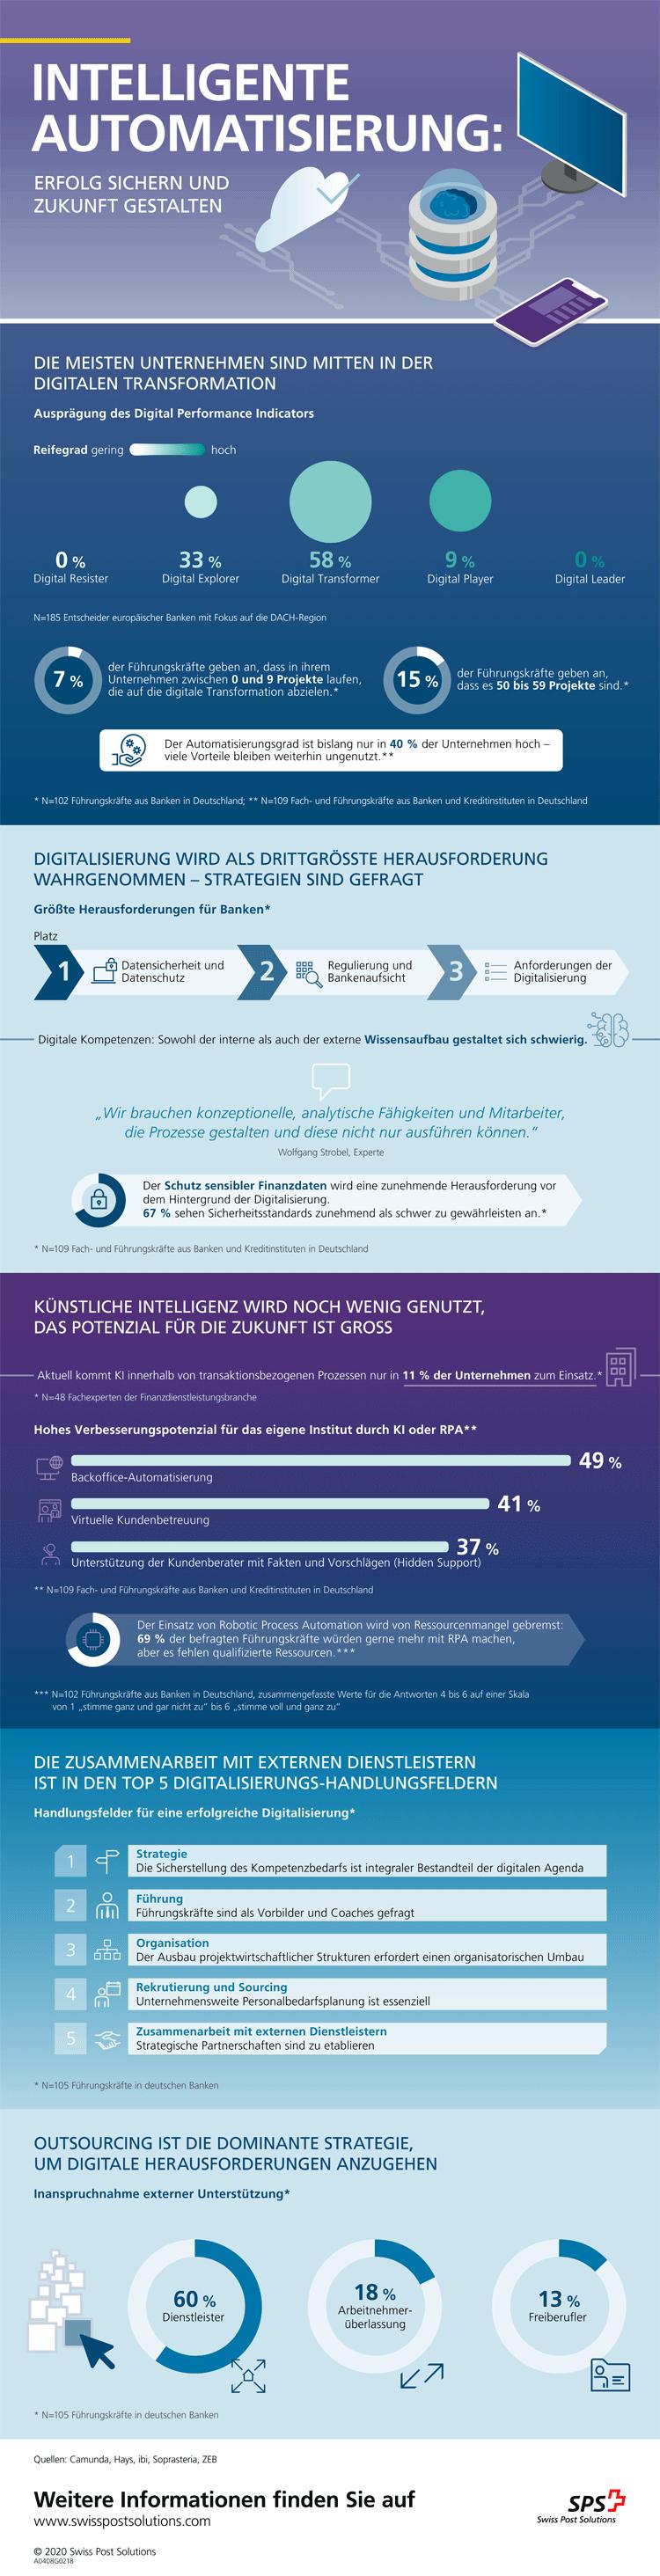 Infografik: Intelligente Automatisierung in Banken und Sparkassen